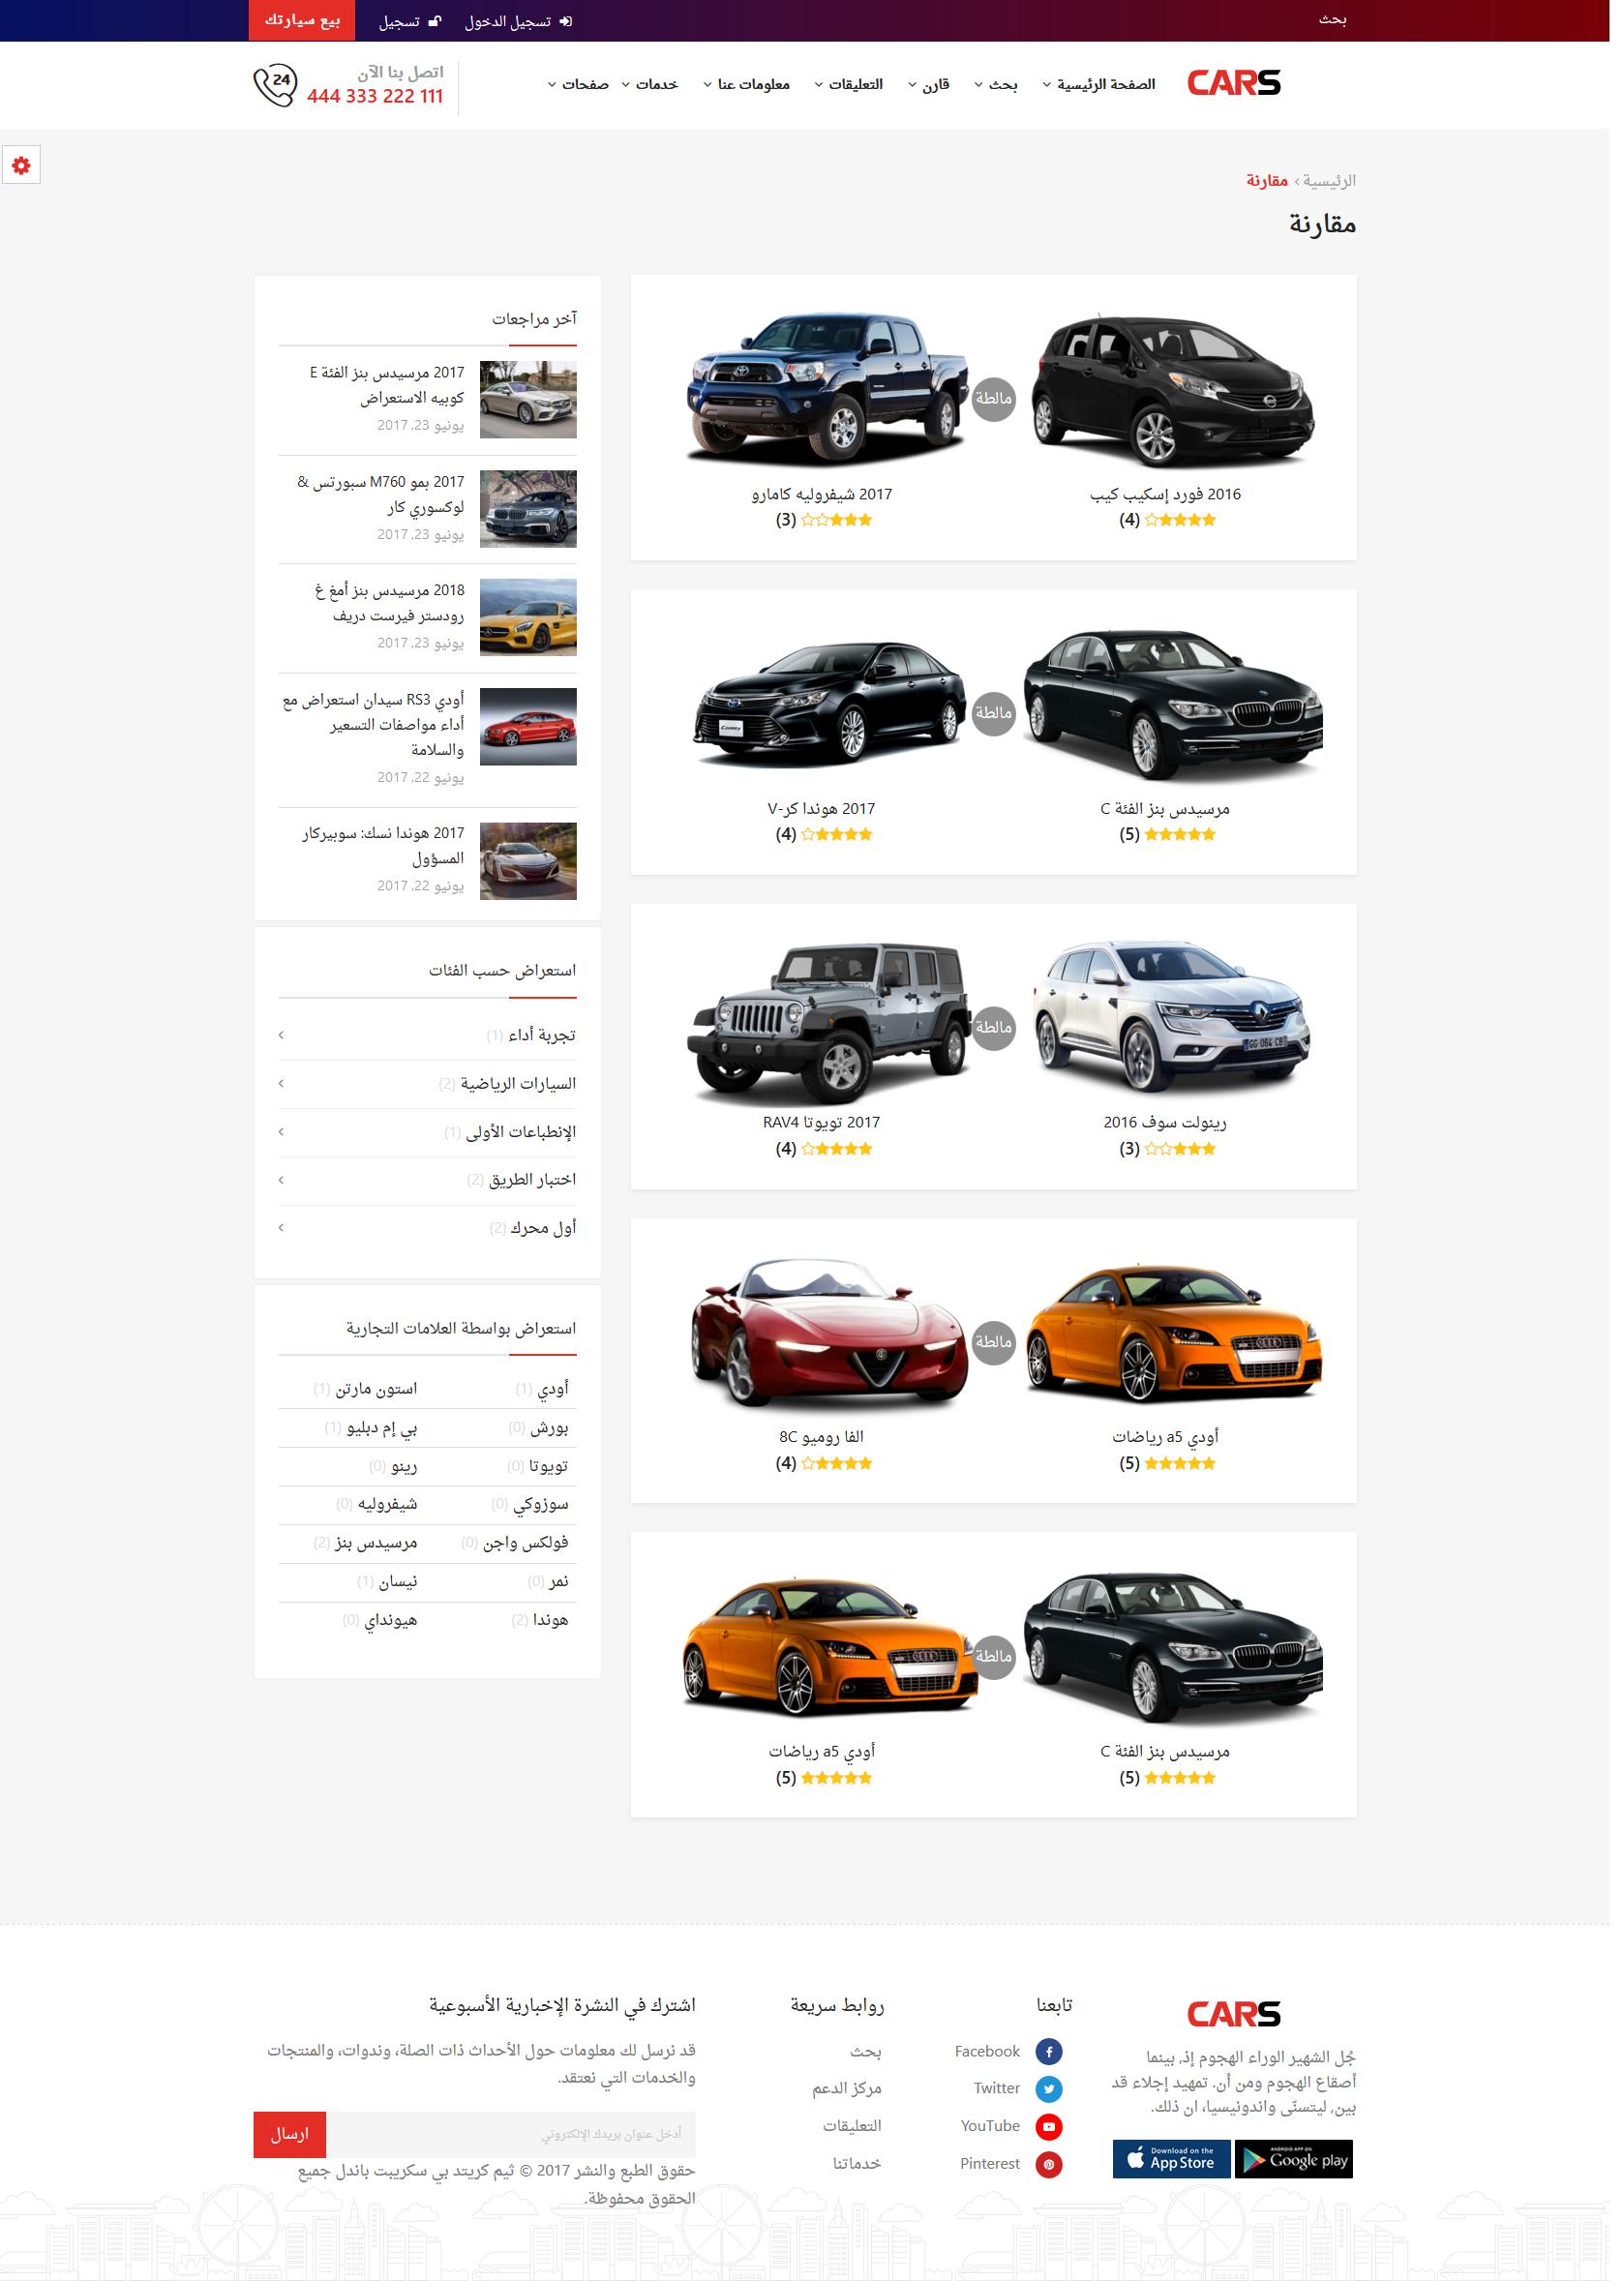 تصميم برنامج موقع حراج معارض سيارات - صفحة قائمة مقارنات بين سيارات بالصور